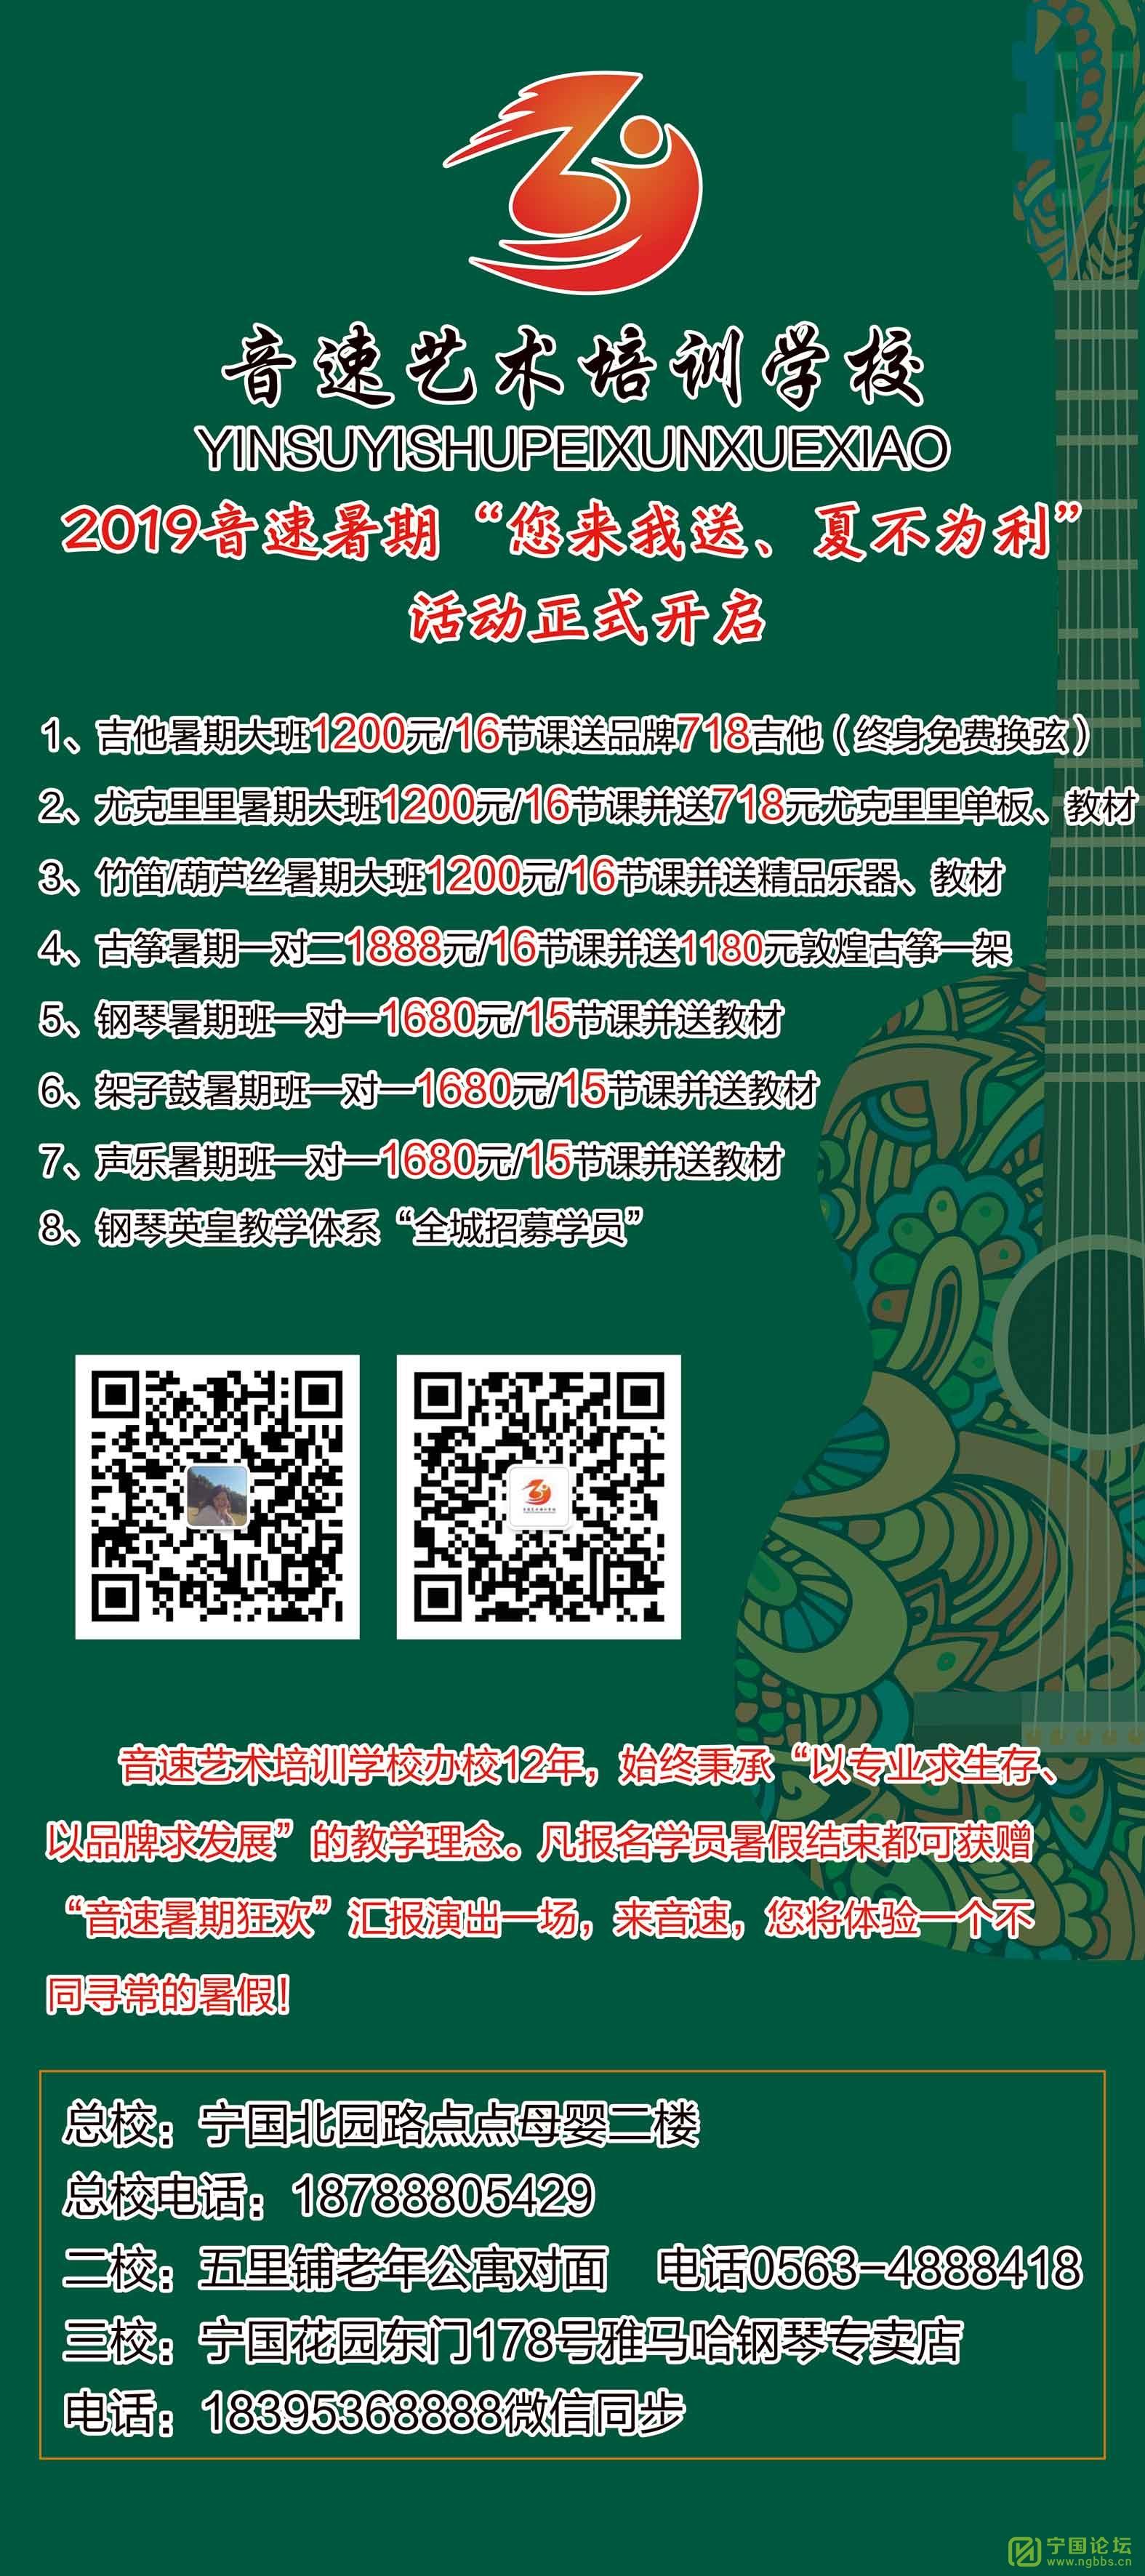 高考结束利用空闲时间来音速学音乐吧! - 宁国论坛 - 27c58c9c7d27355c4ecceb978e798c8.jpg